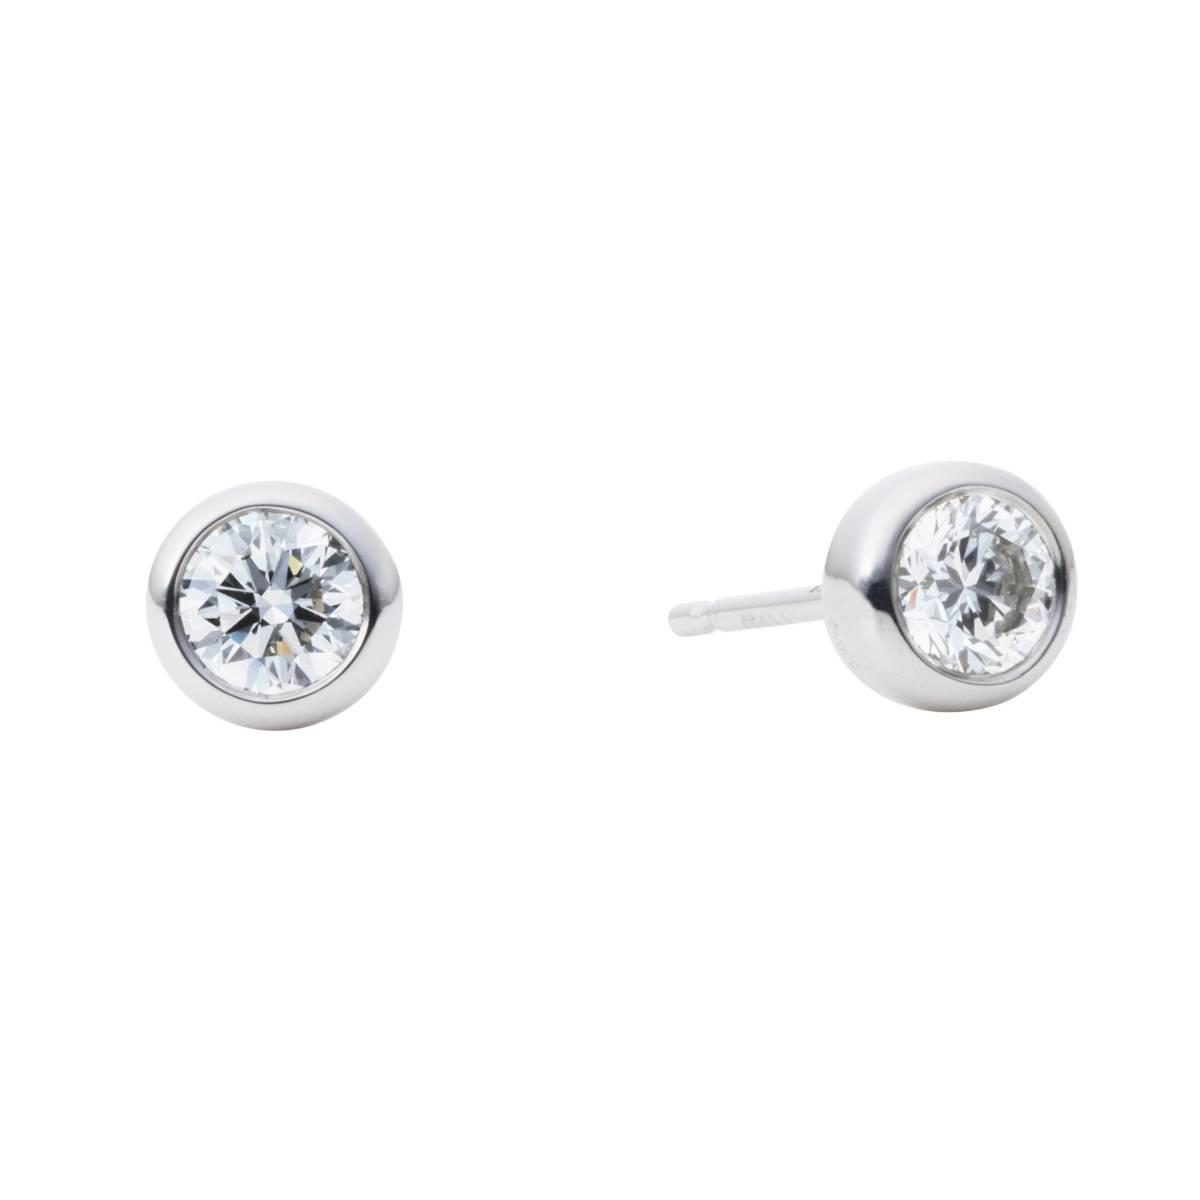 ◆【極上】プラチナ pt900 ダイヤモンド ピアス 3EX(H&C) 0.608ct 憧れの一品!diamond 2Pとも中宝鑑付き! 【珠玉】◆_VVSクラスの永遠の輝きを!